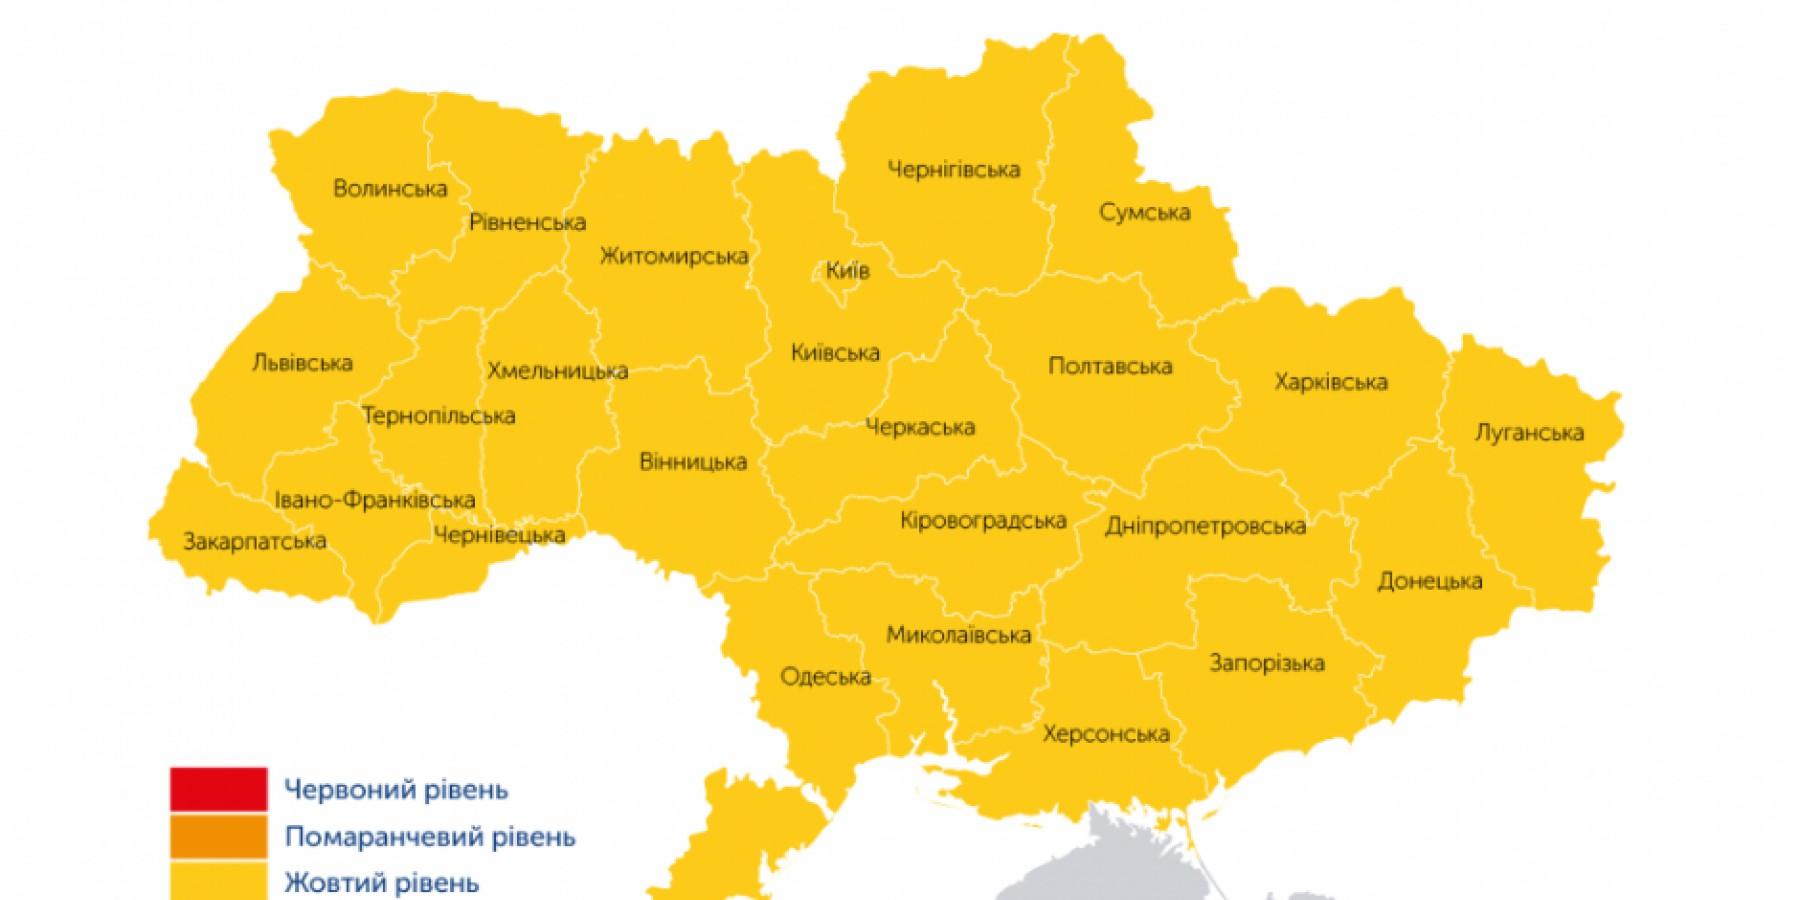 З 23 вересня по всій території України жовтий рівень епідеміологічної небезпеки!